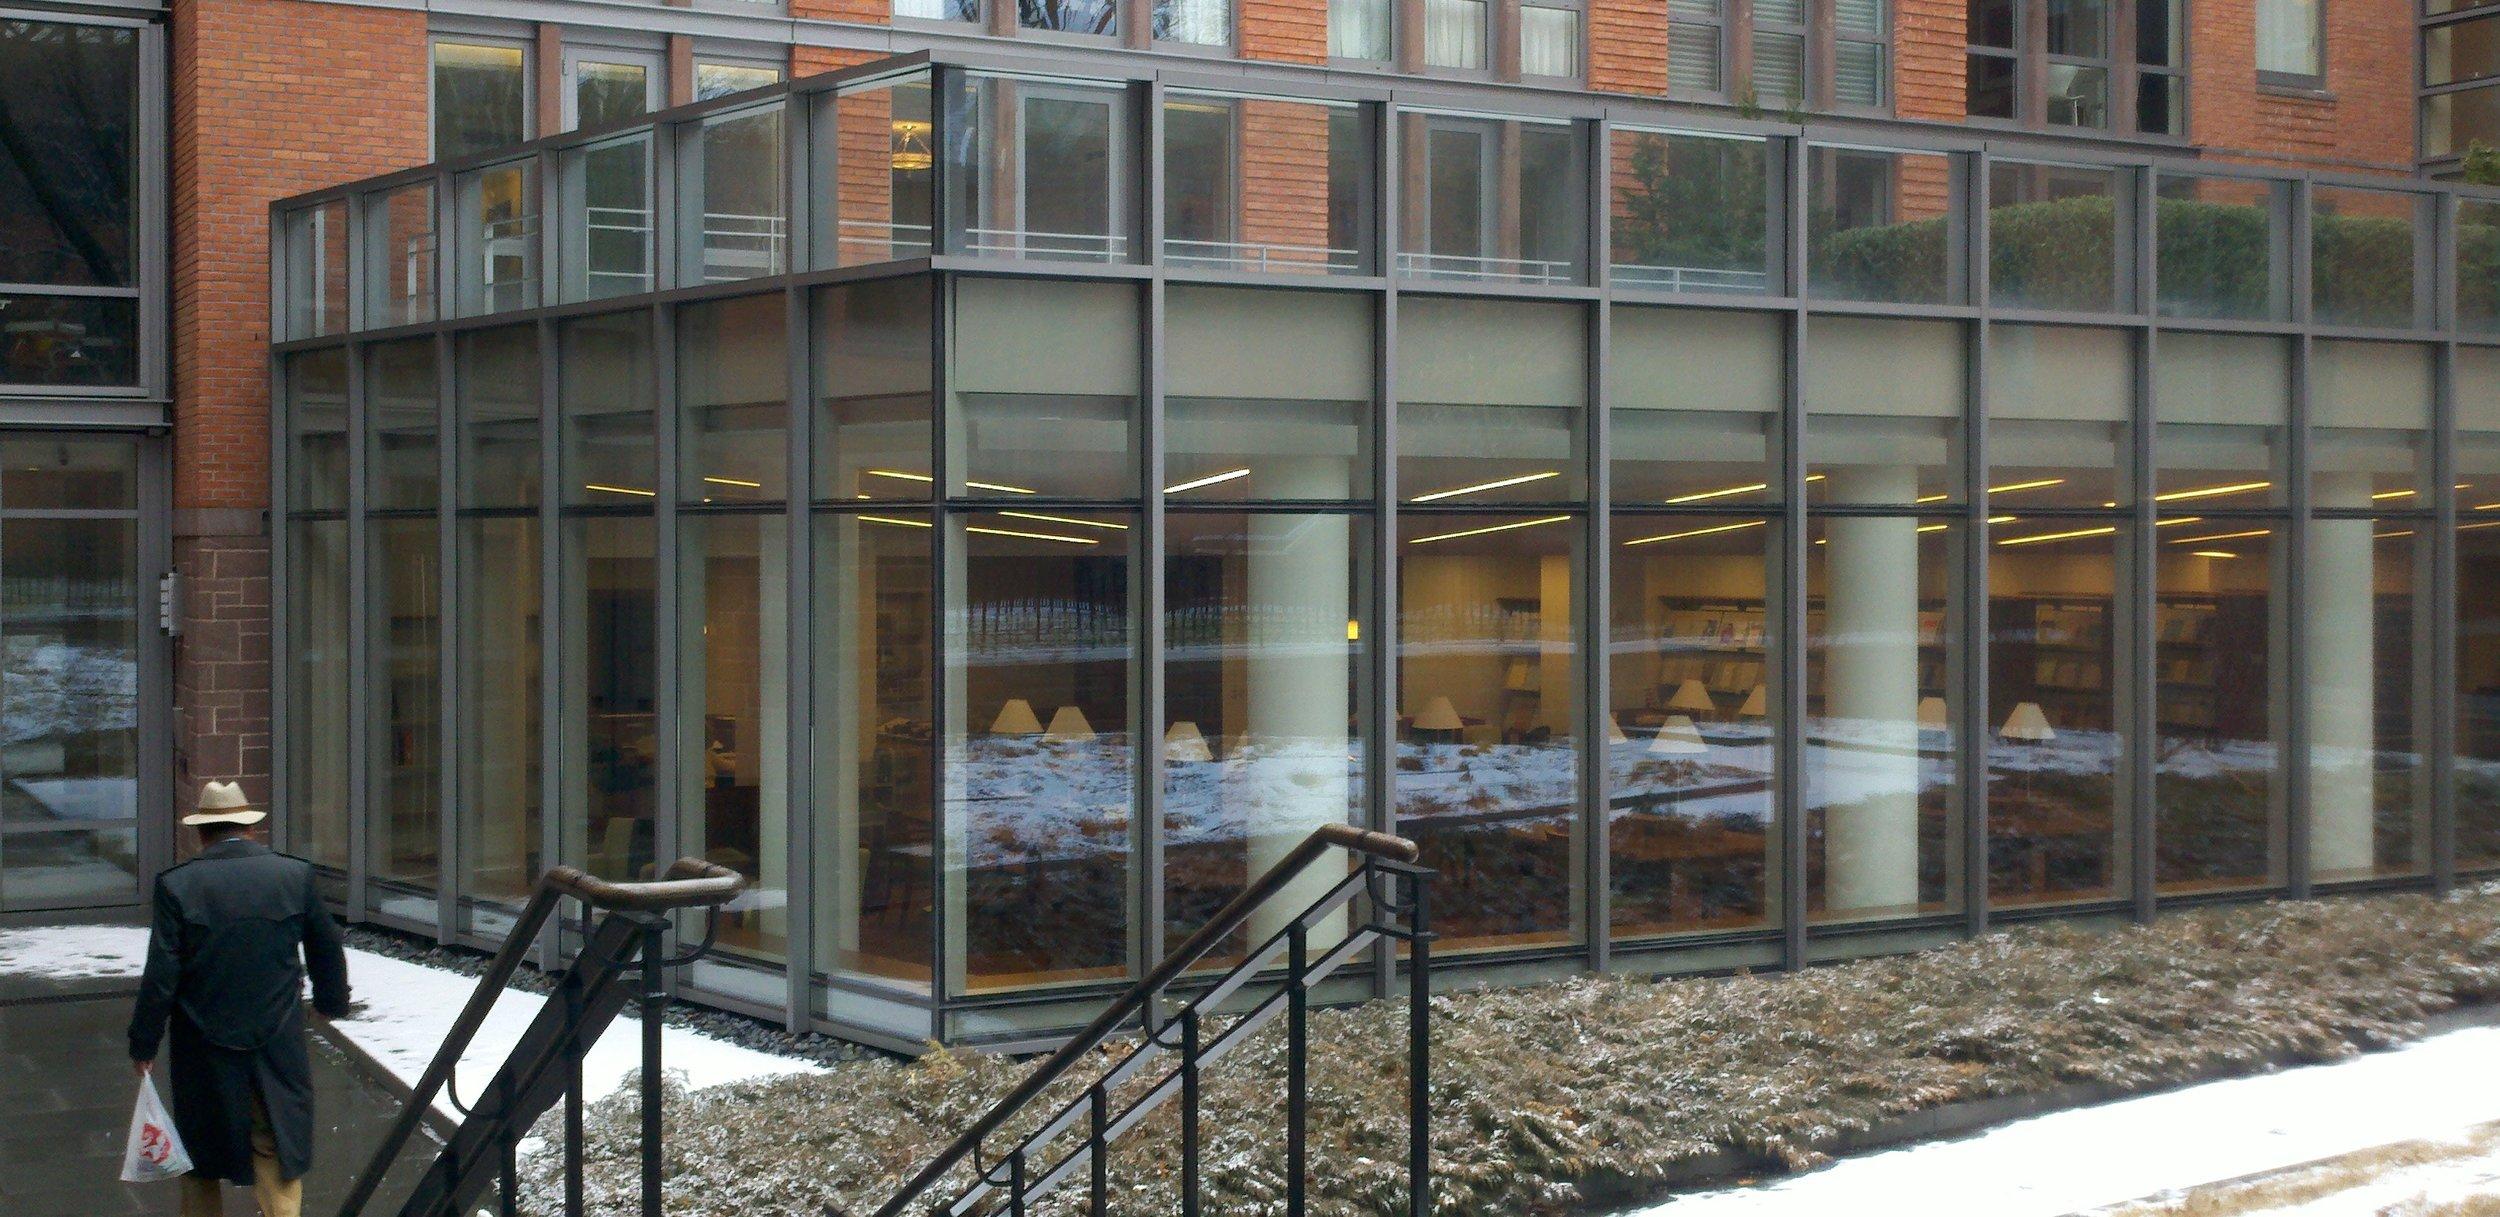 winter-keller-library.jpg